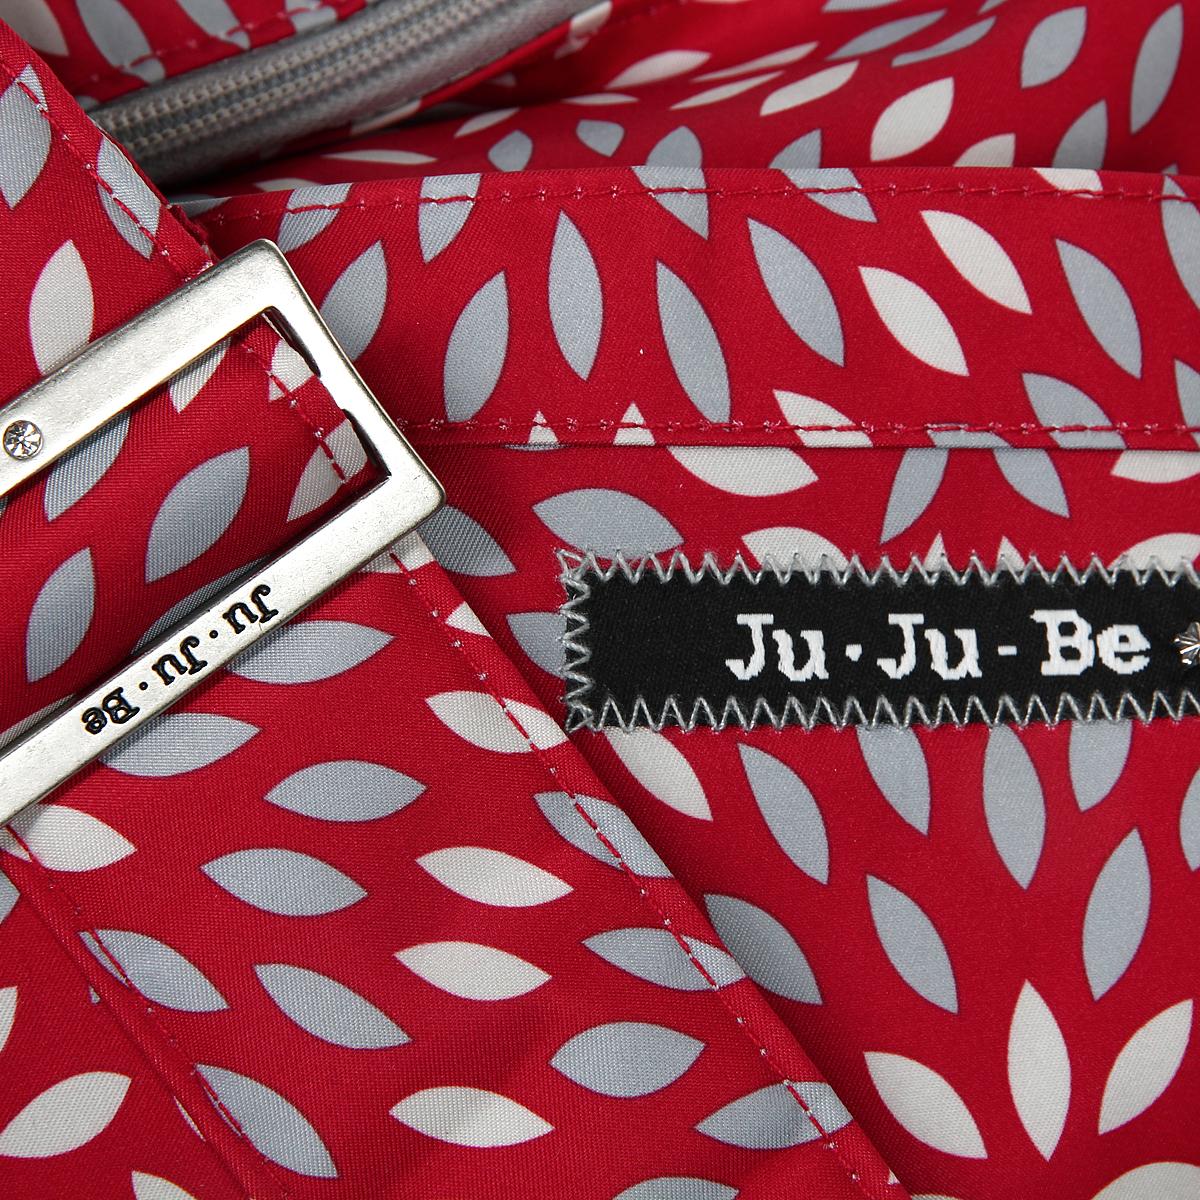 """Сумка для мамы Ju-Ju-Be """"HoboBe Scarlet Petals"""", цвет: красный, серебристый - 4"""